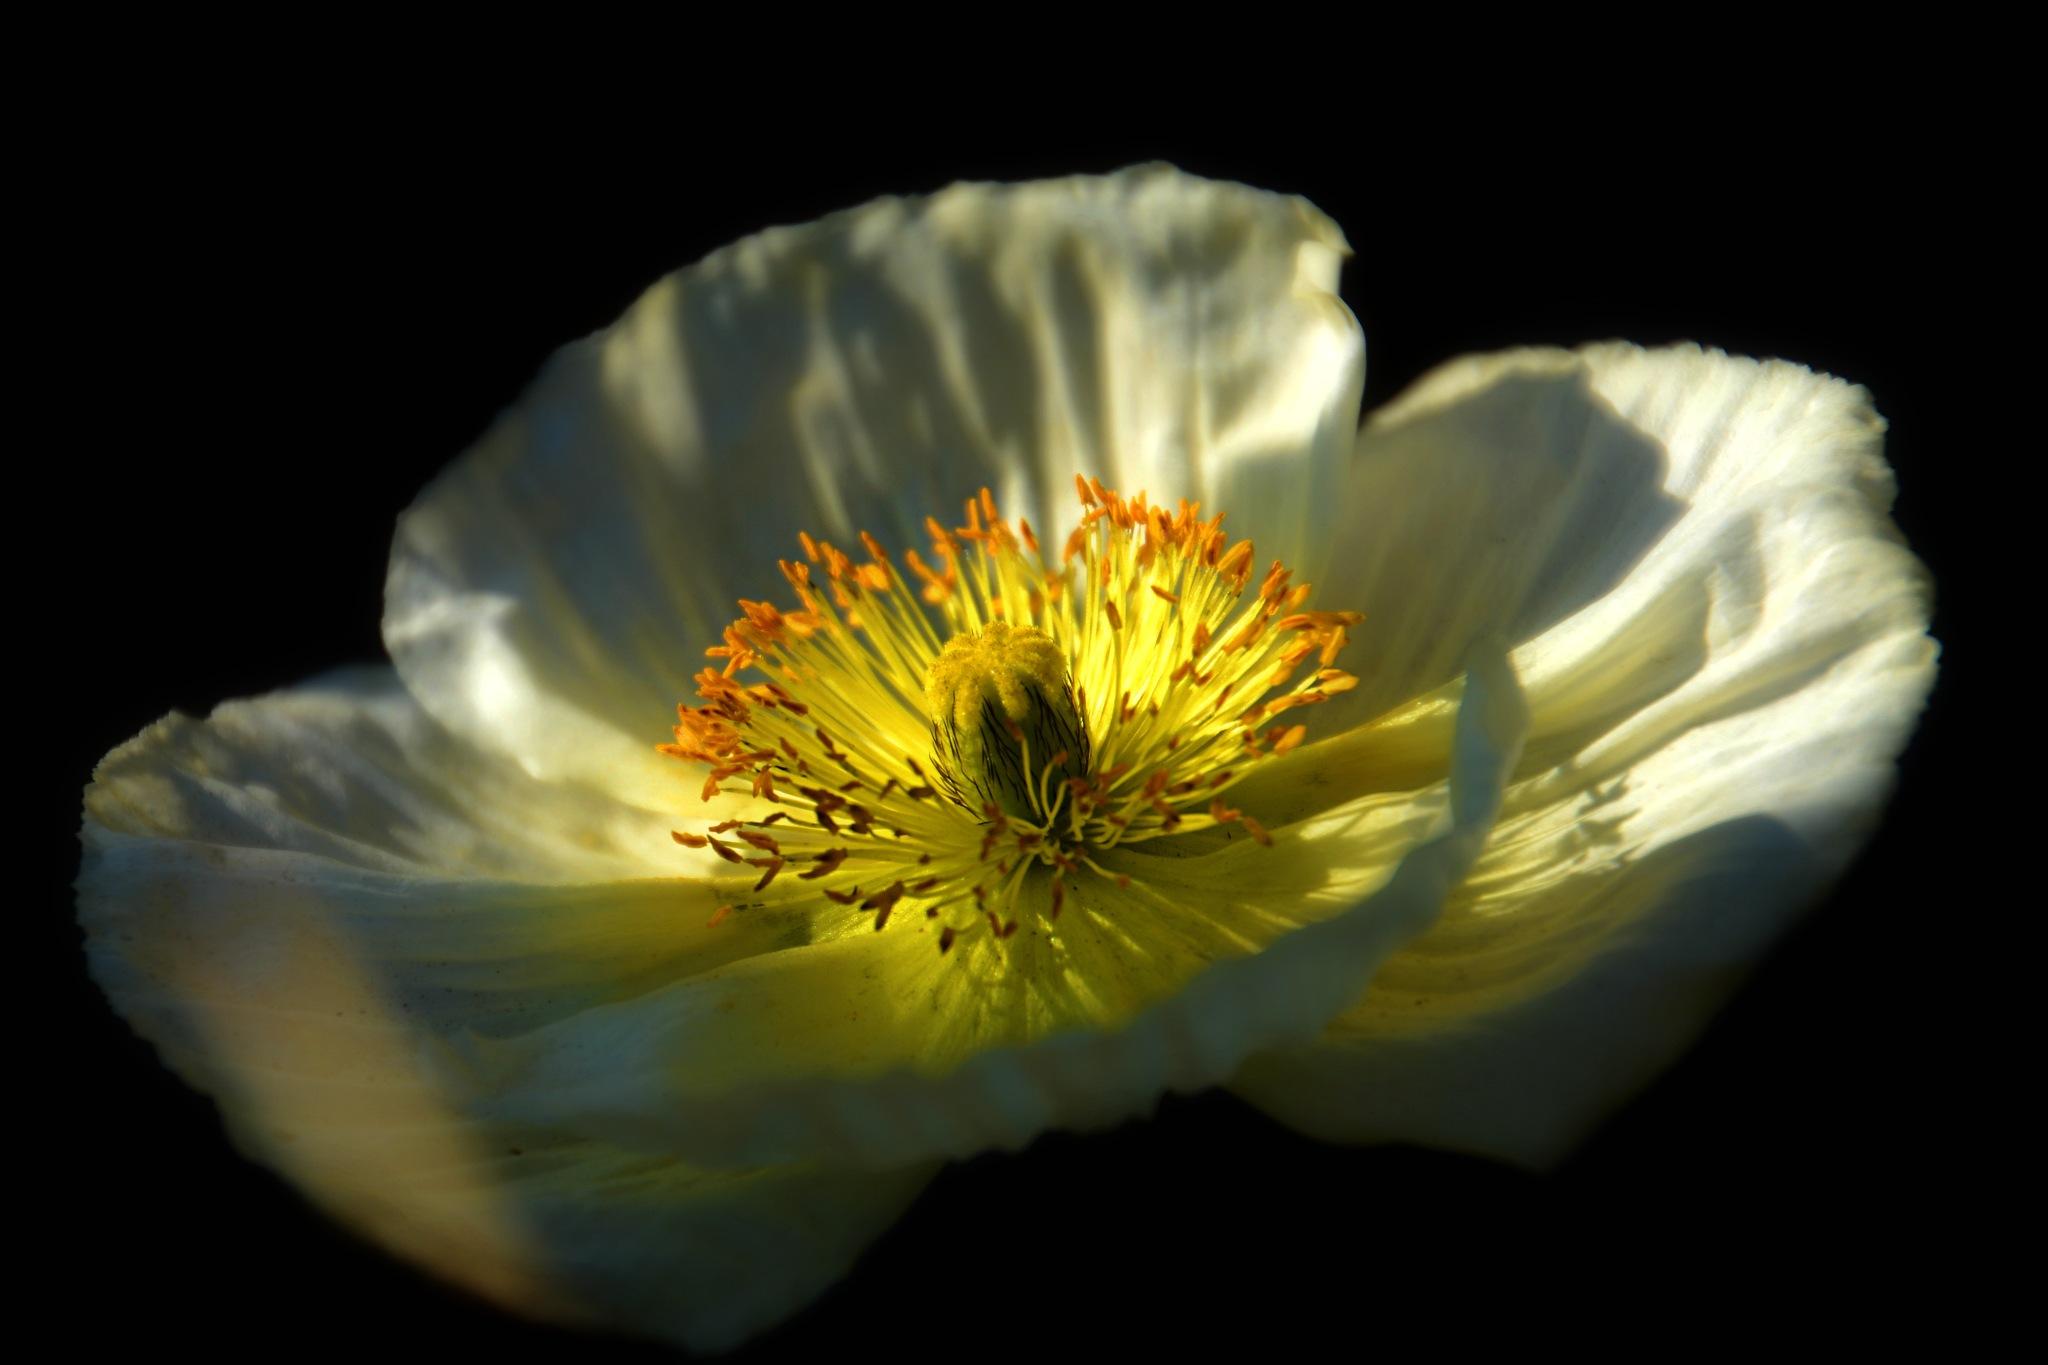 Flora In The Dark by Solomon Aseoche